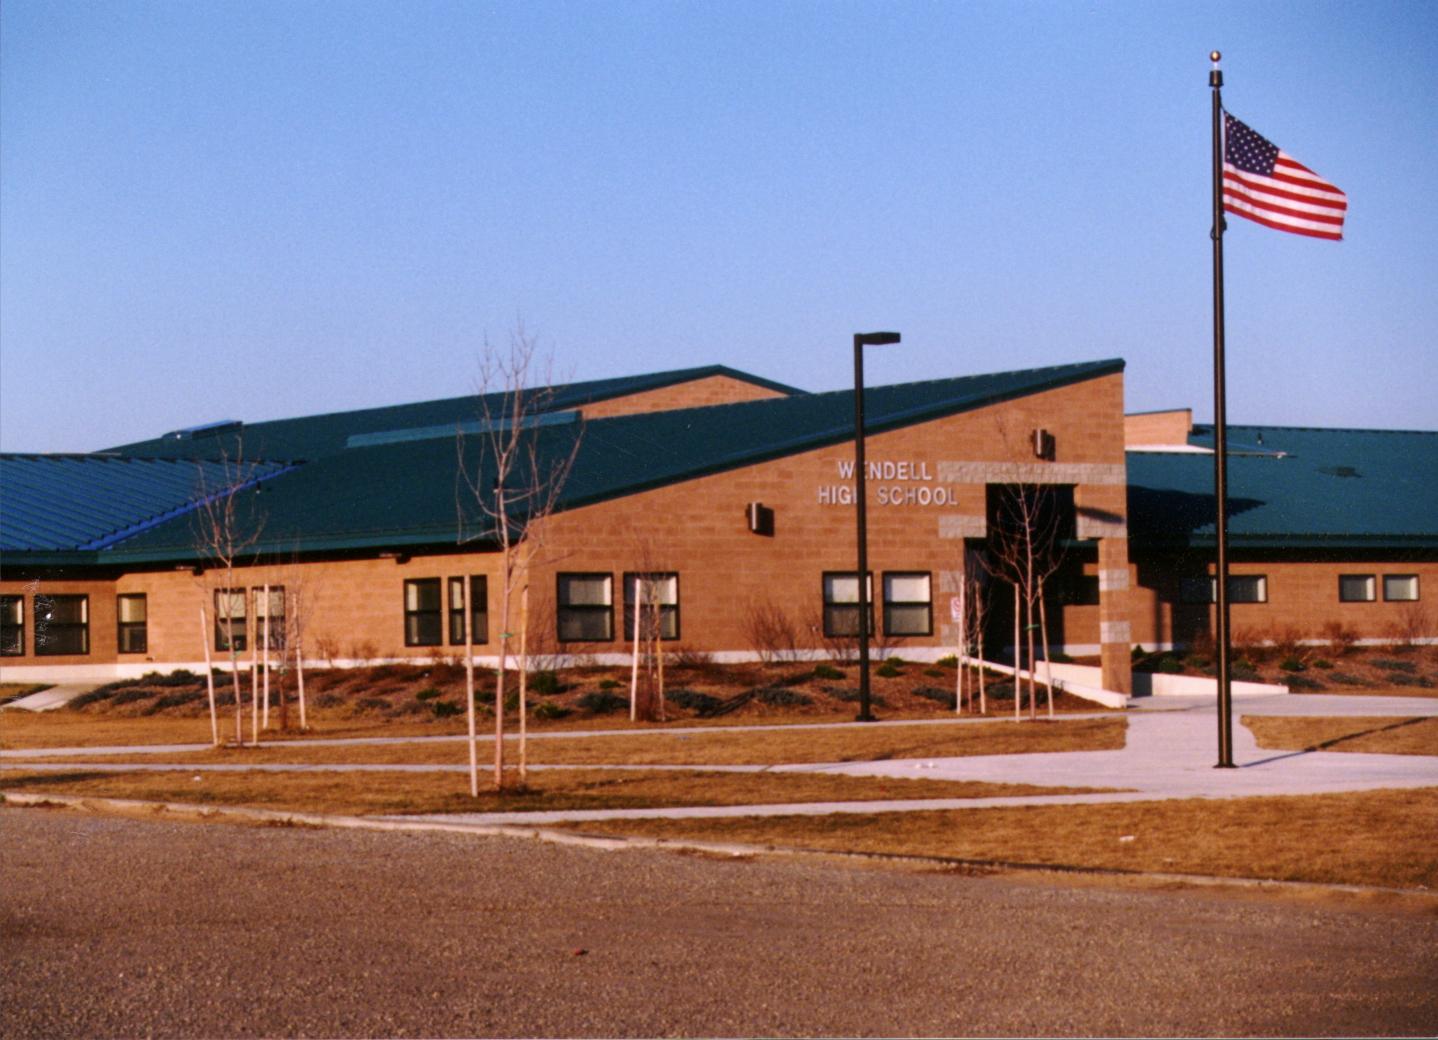 Wendell High School